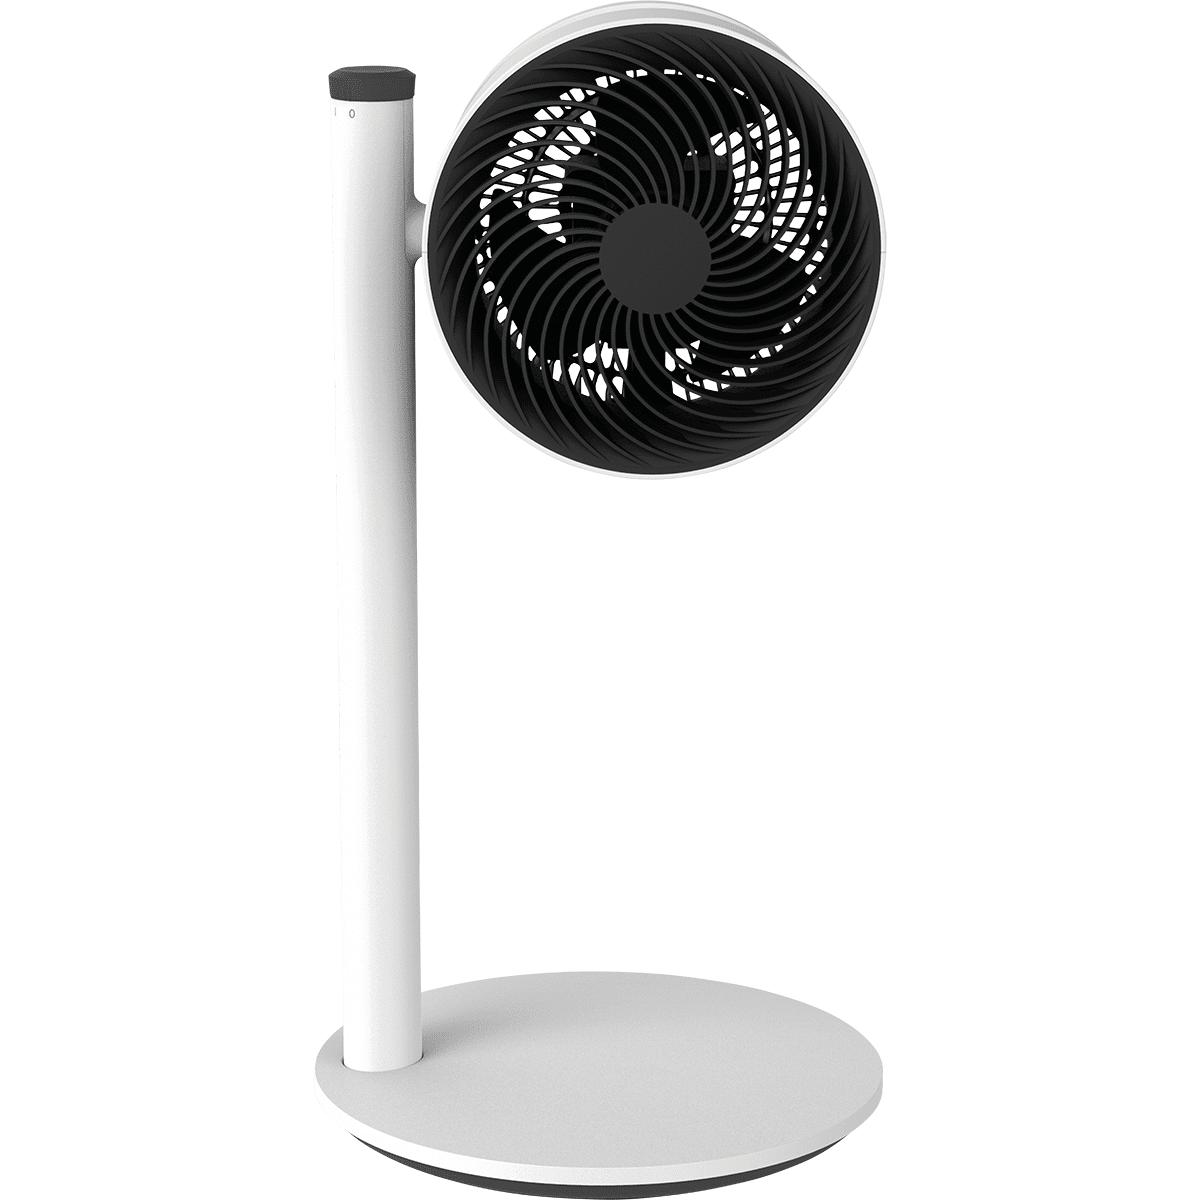 Boneco F120 Stand Fan